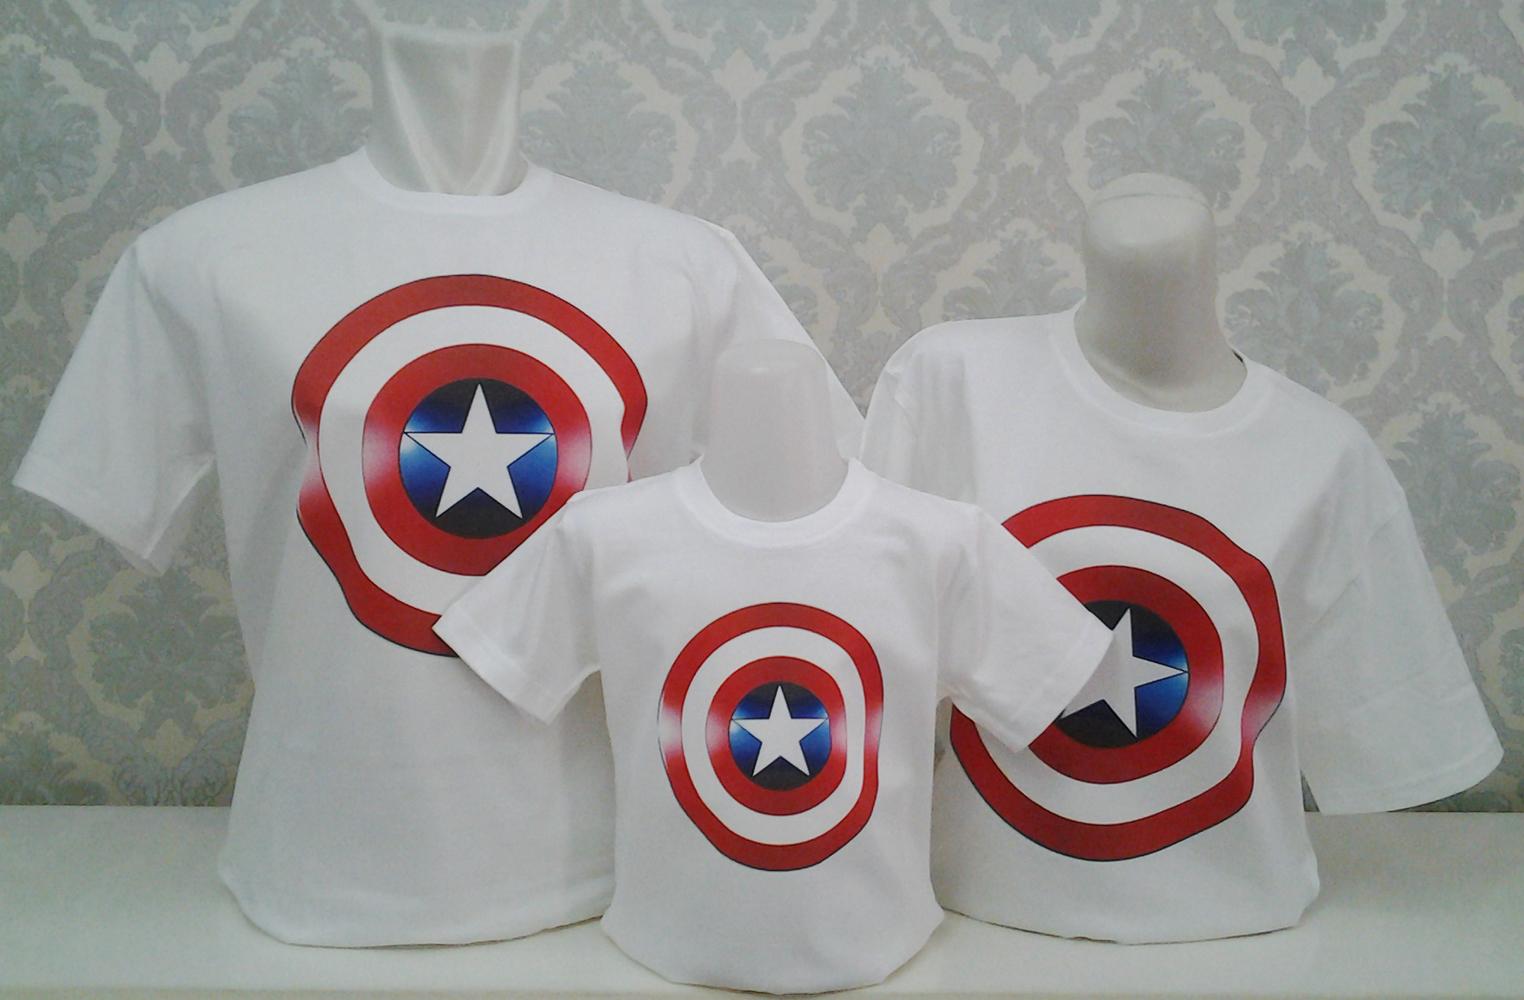 Jual Baju Couple Pasangan Kaos Keluarga Motif Captain America 098 Logo Kaoscouple Jakarta Tokopedia